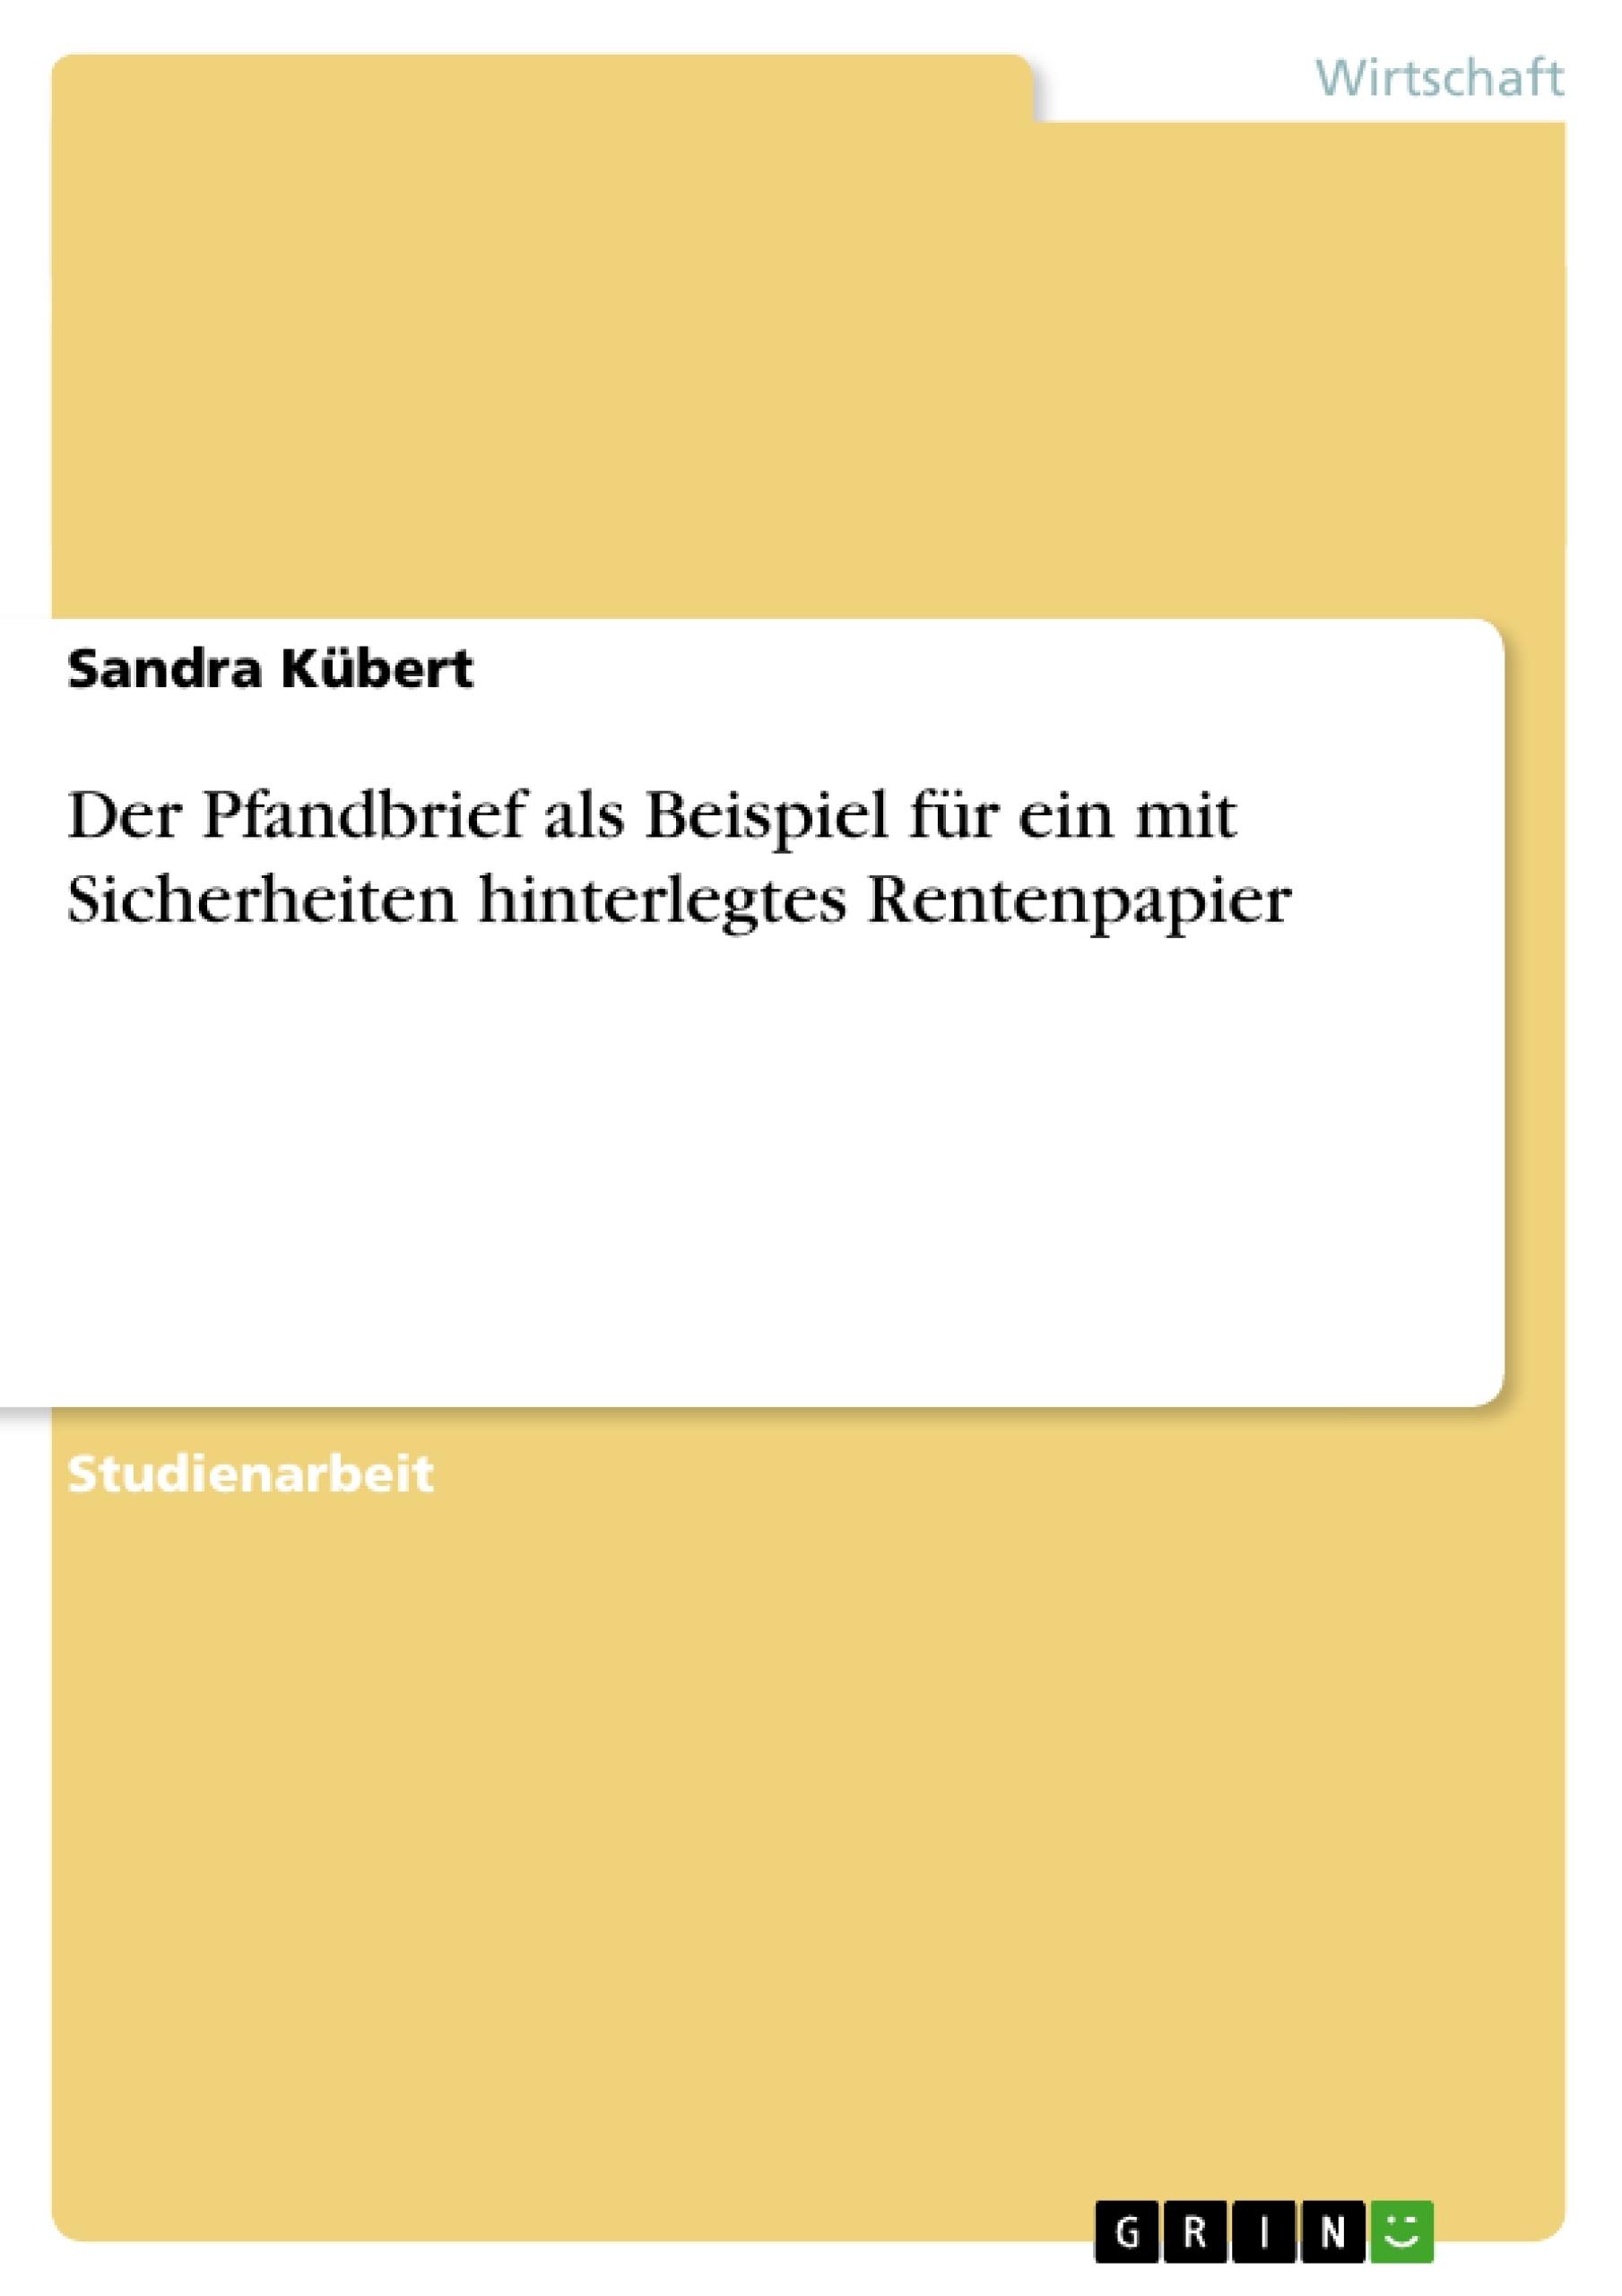 Titel: Der Pfandbrief als Beispiel für ein mit Sicherheiten hinterlegtes Rentenpapier